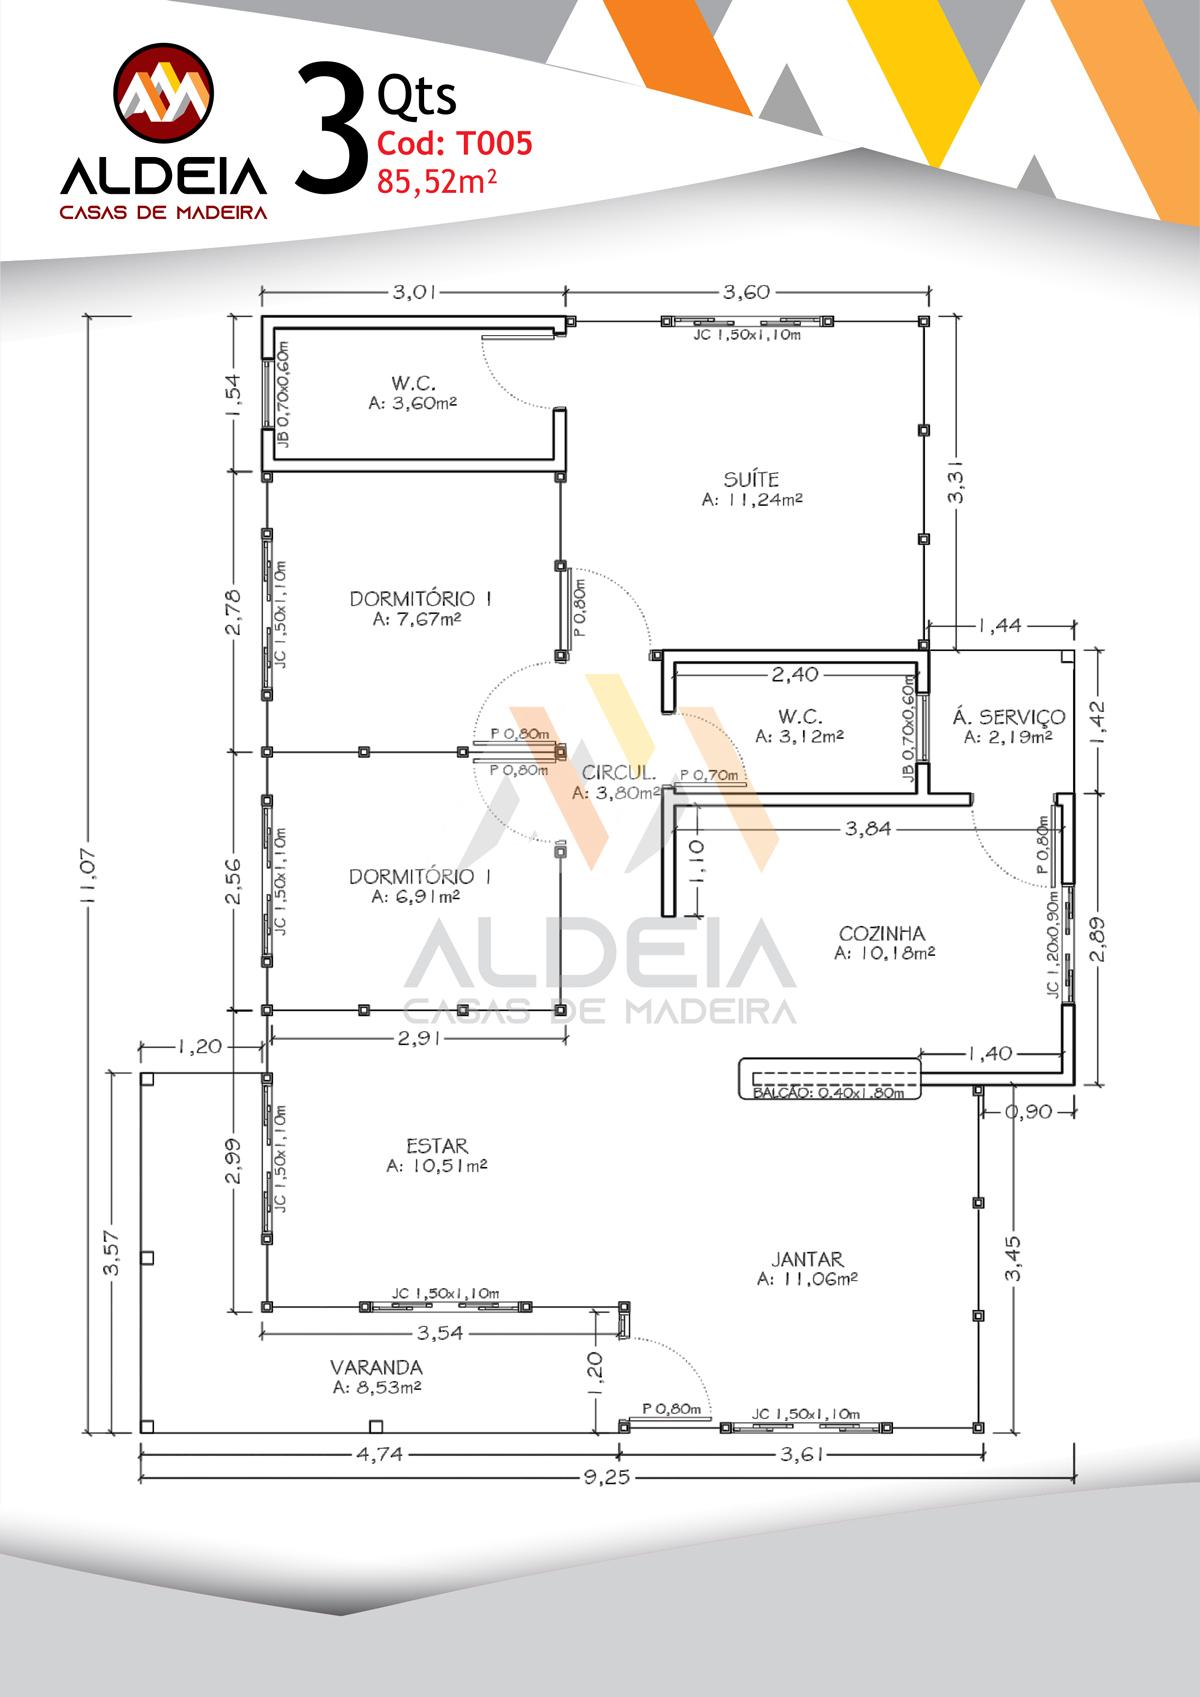 aldeia-casas-madeira-arquitetura-T005